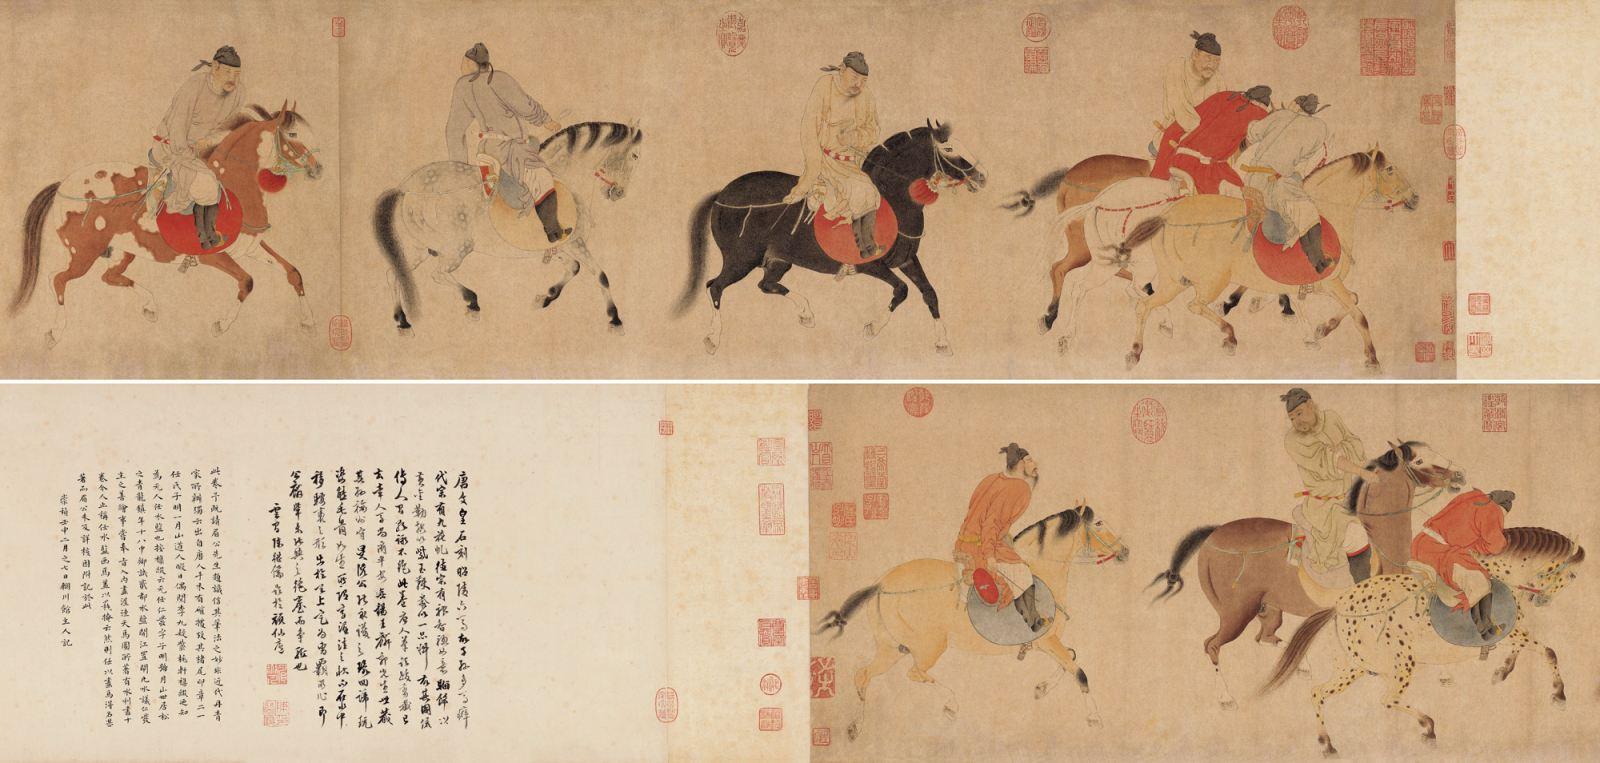 艺术品拍卖年度盘点 古代书画有亮点,内地大佬加速扩张